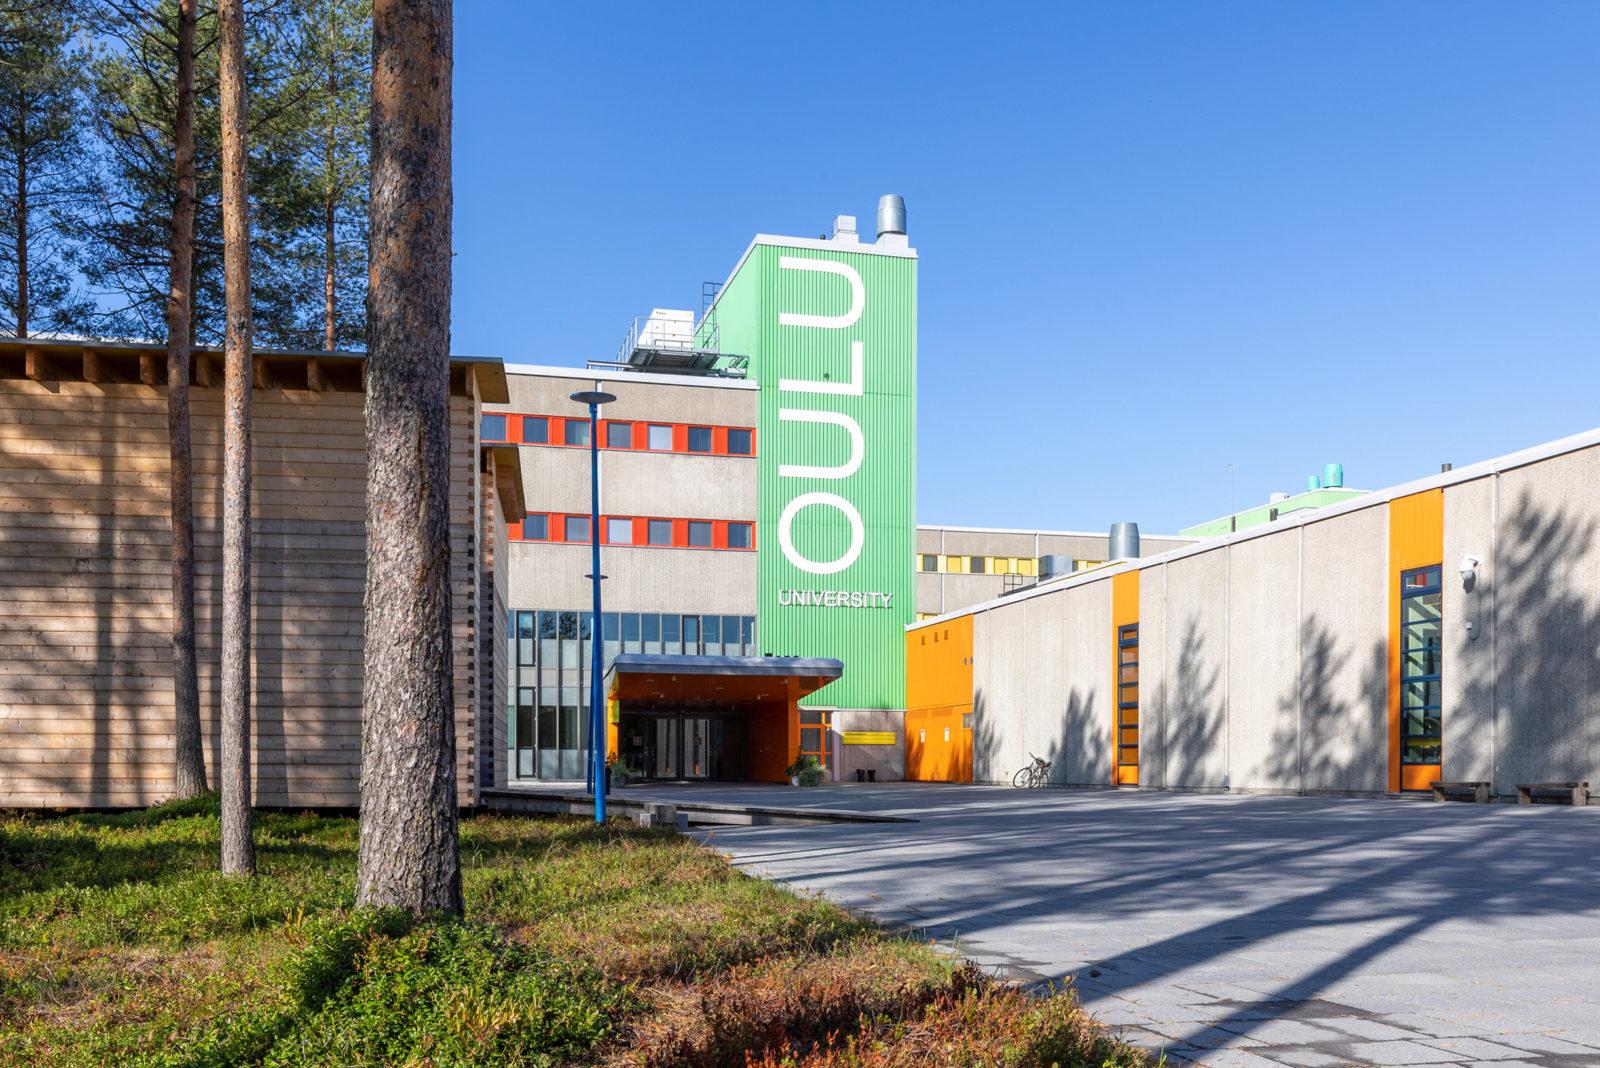 01-Oulun-ARK-osasto-Asko-Leinonen-1600x1068